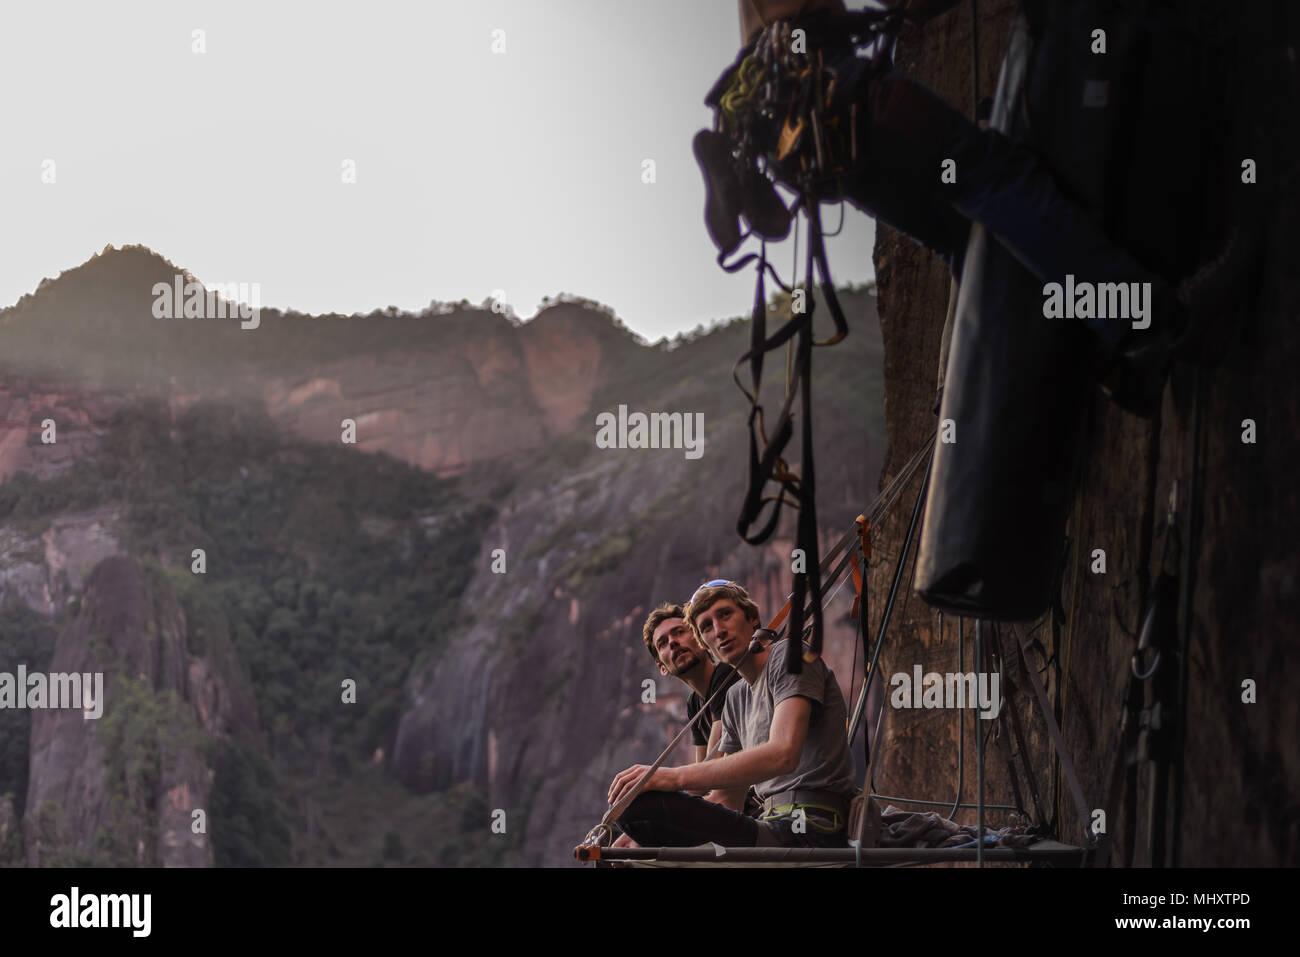 Due arrampicatori udienza del portaledge, guardando amico salire rock accanto a loro, la calcinazione, nella provincia dello Yunnan in Cina Immagini Stock